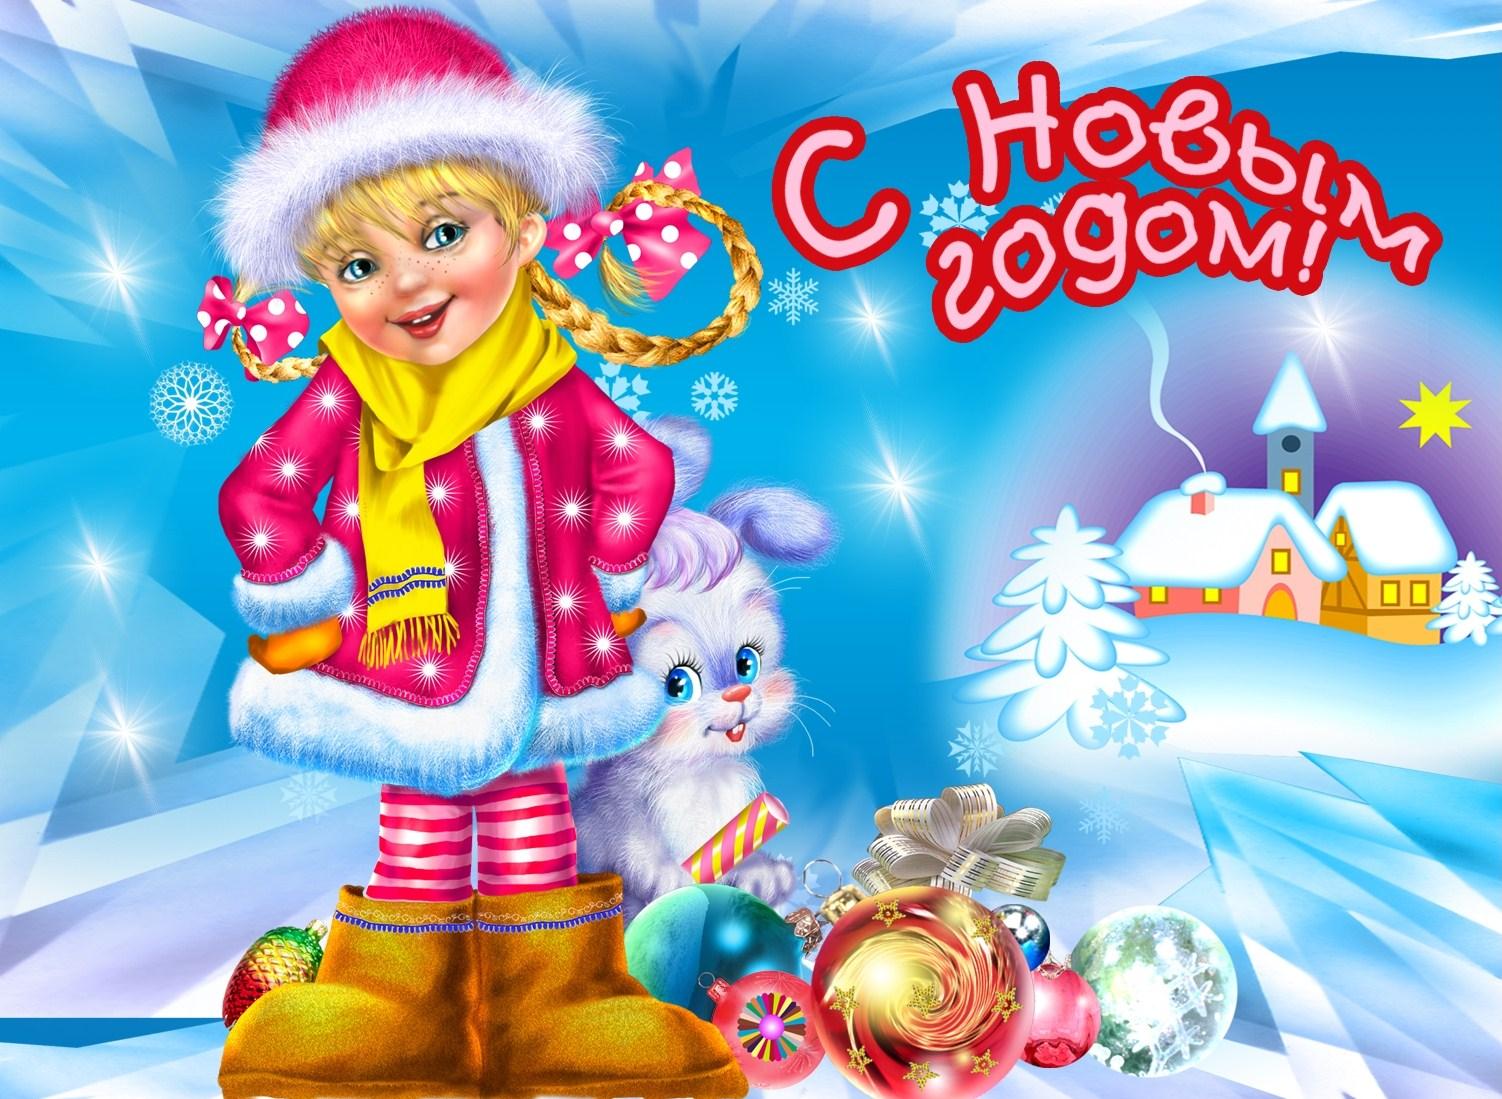 Детские картинки новогодние открытки, фотошопа открытки фотошоп